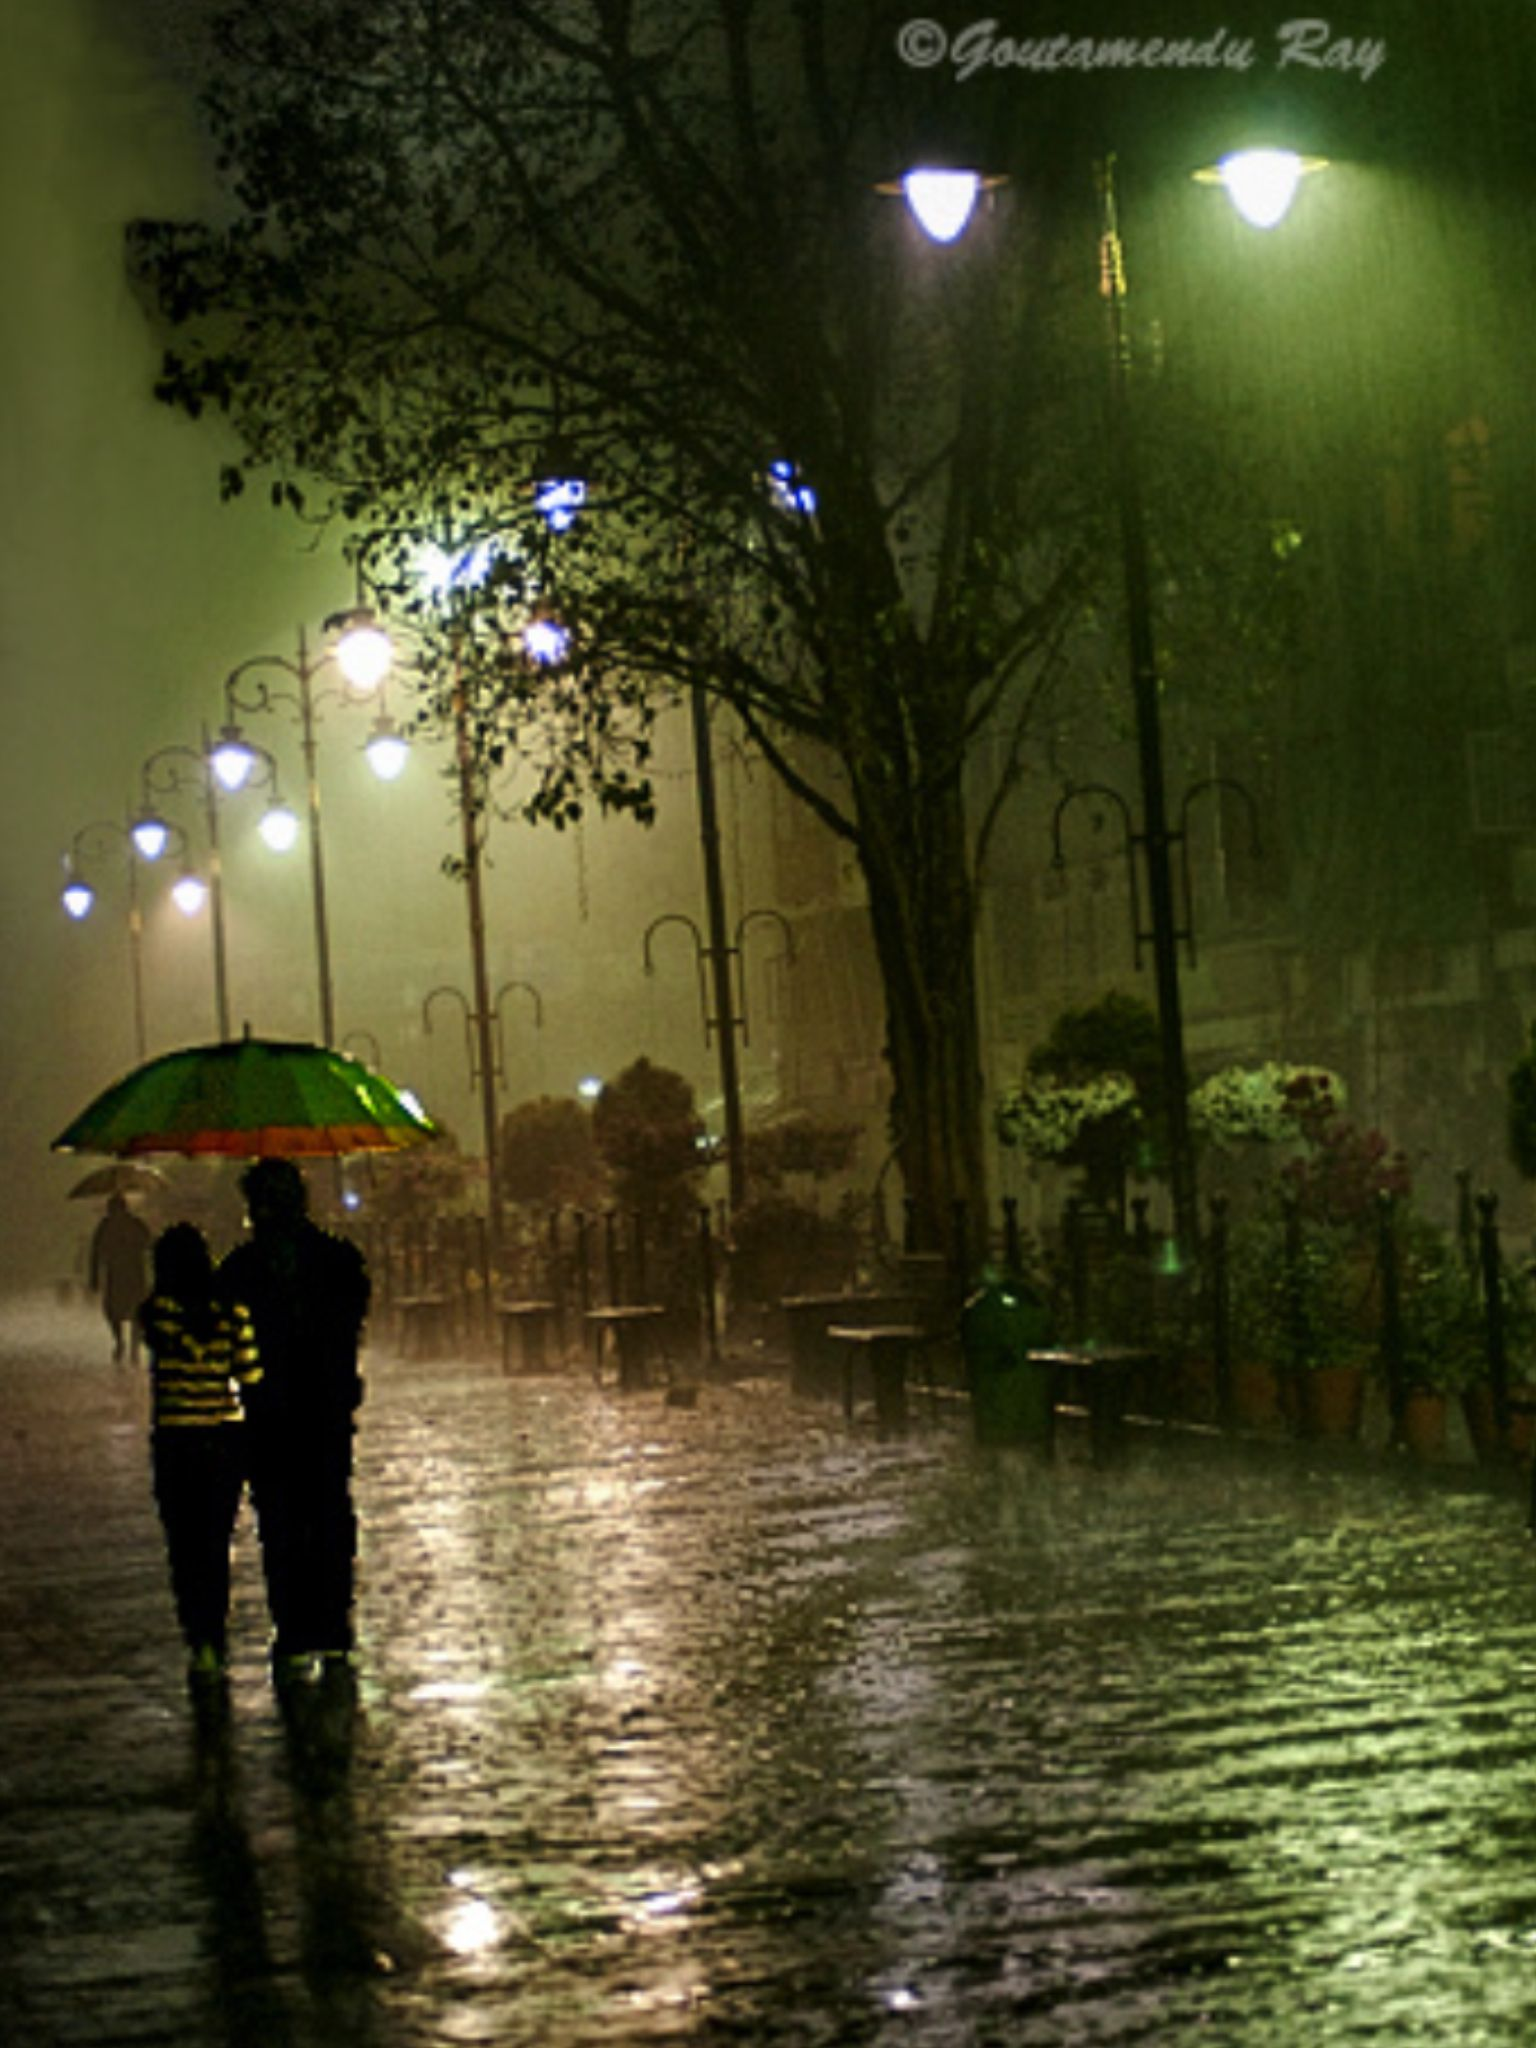 Rain Photography, Rainy Night, Rain Photo